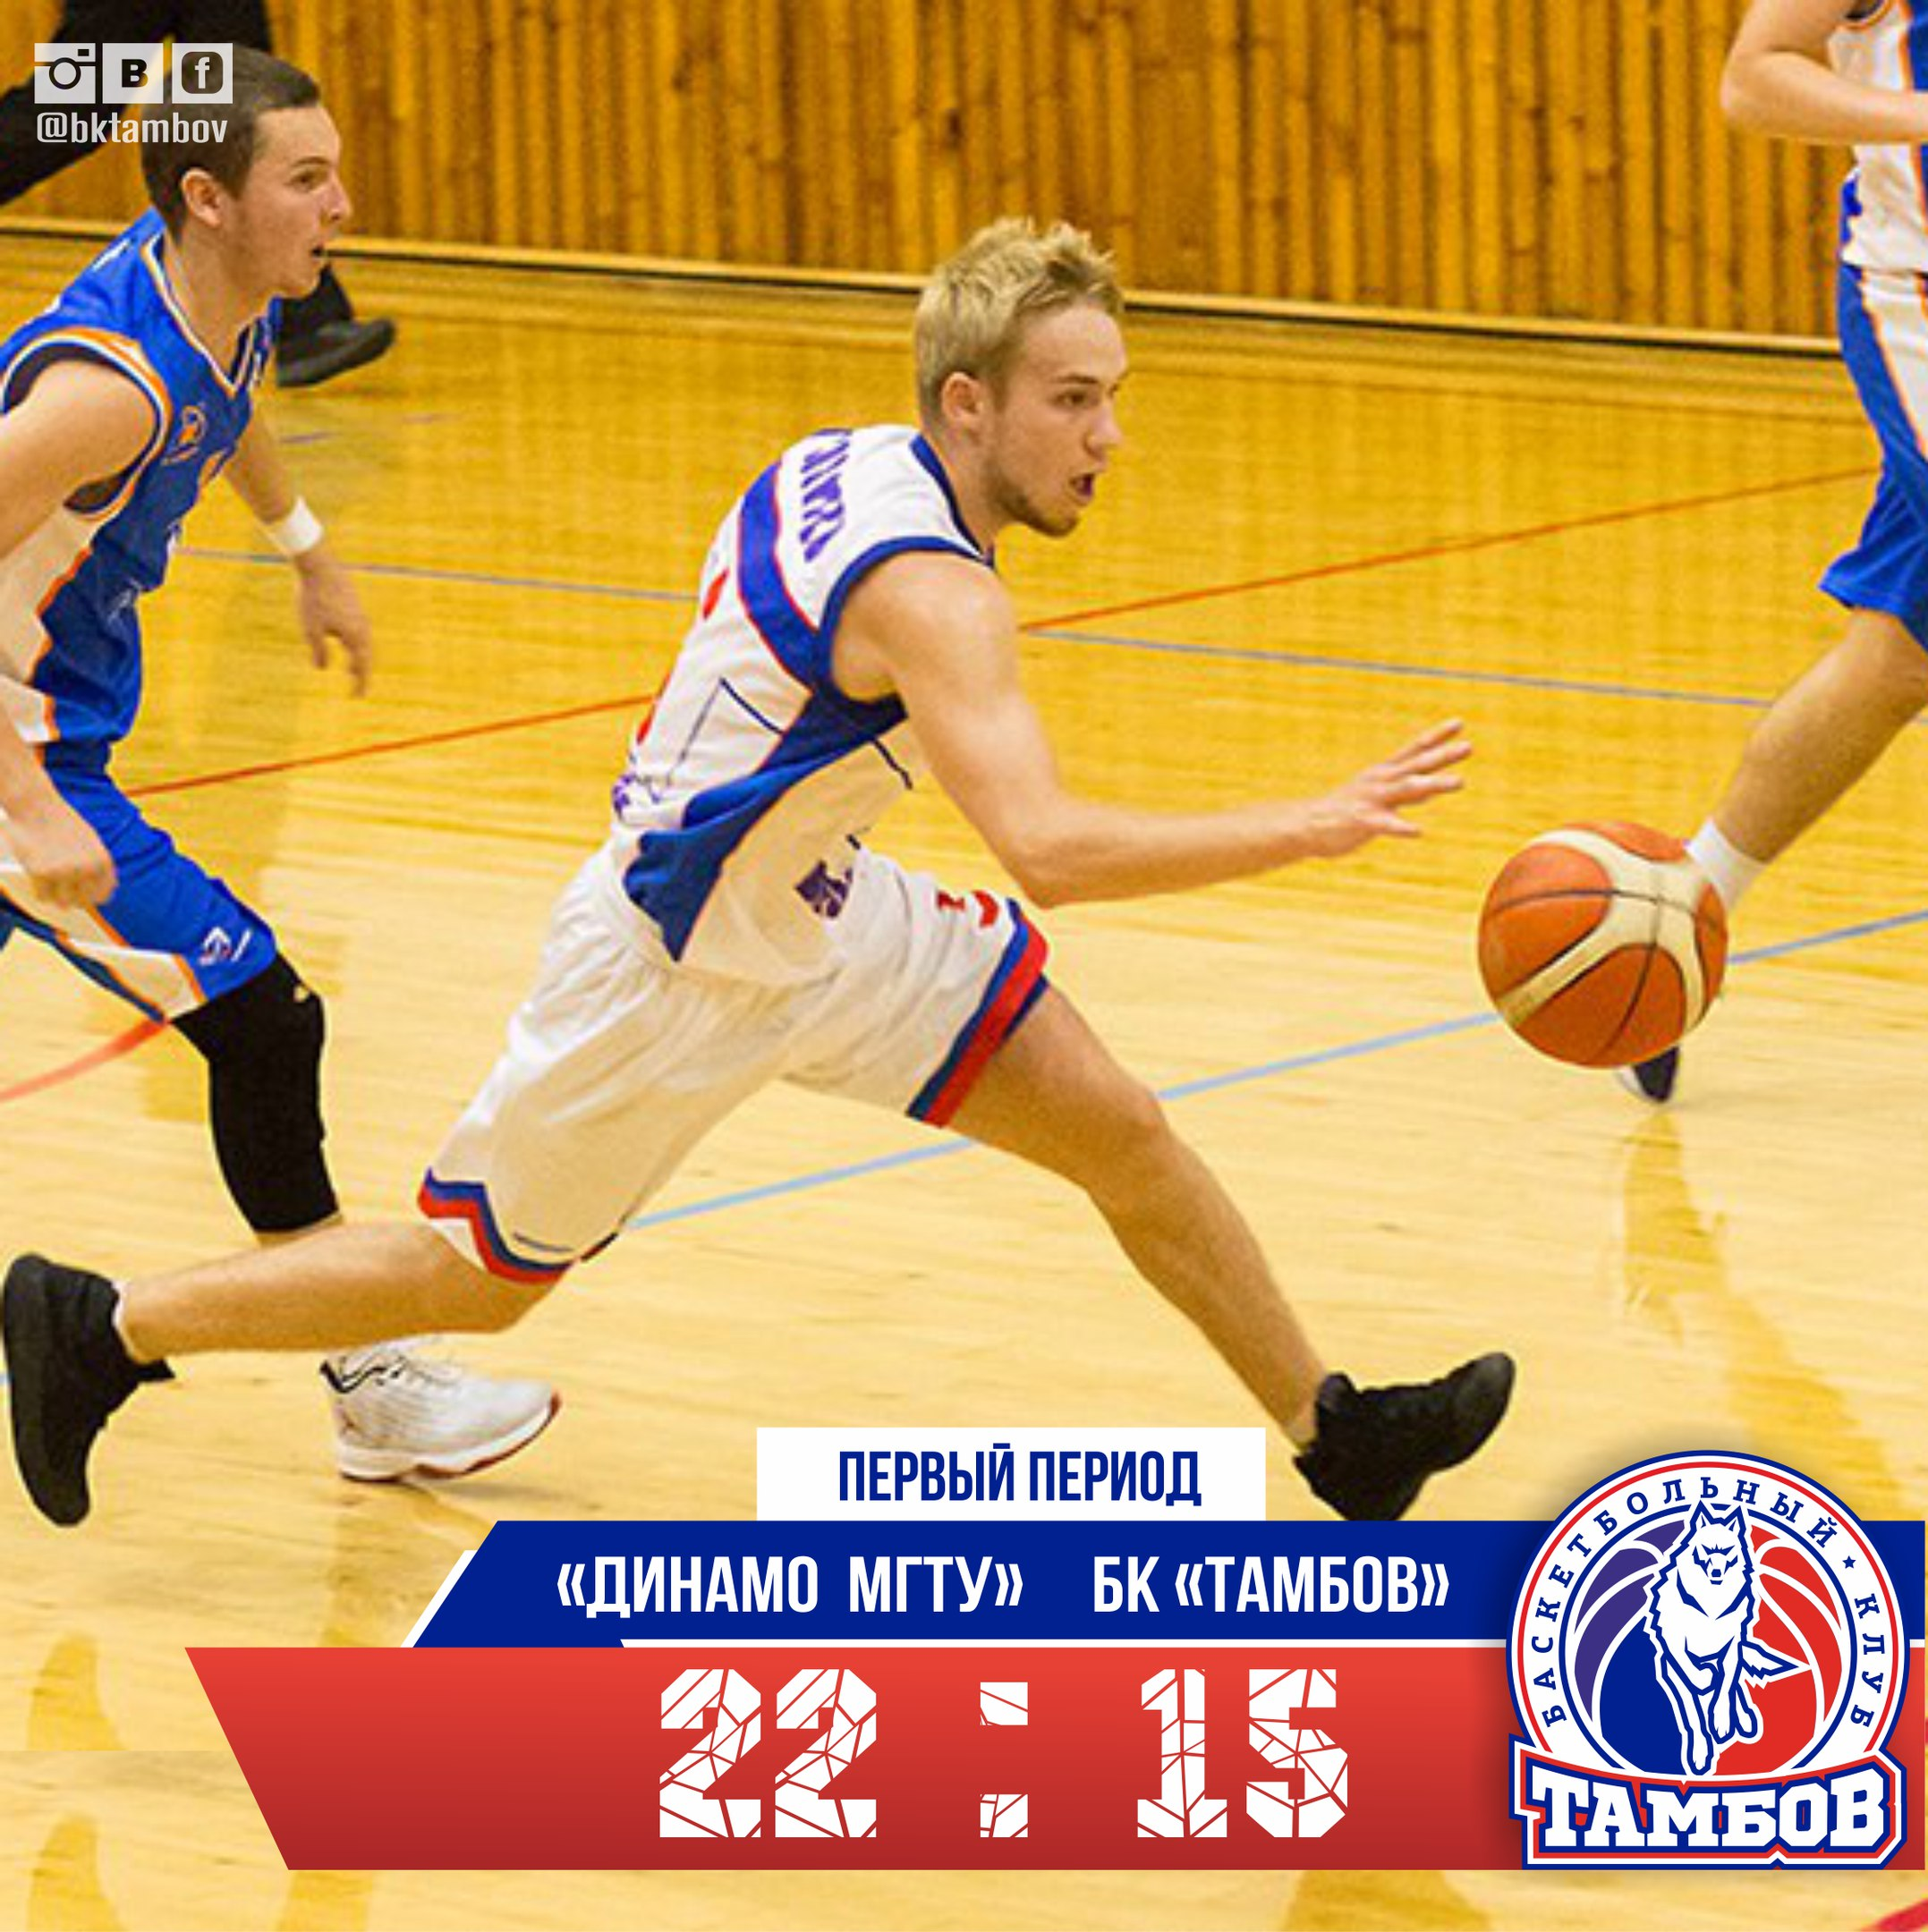 БК «Иркут» проиграл «Новосибирску» 2-ой домашний матч